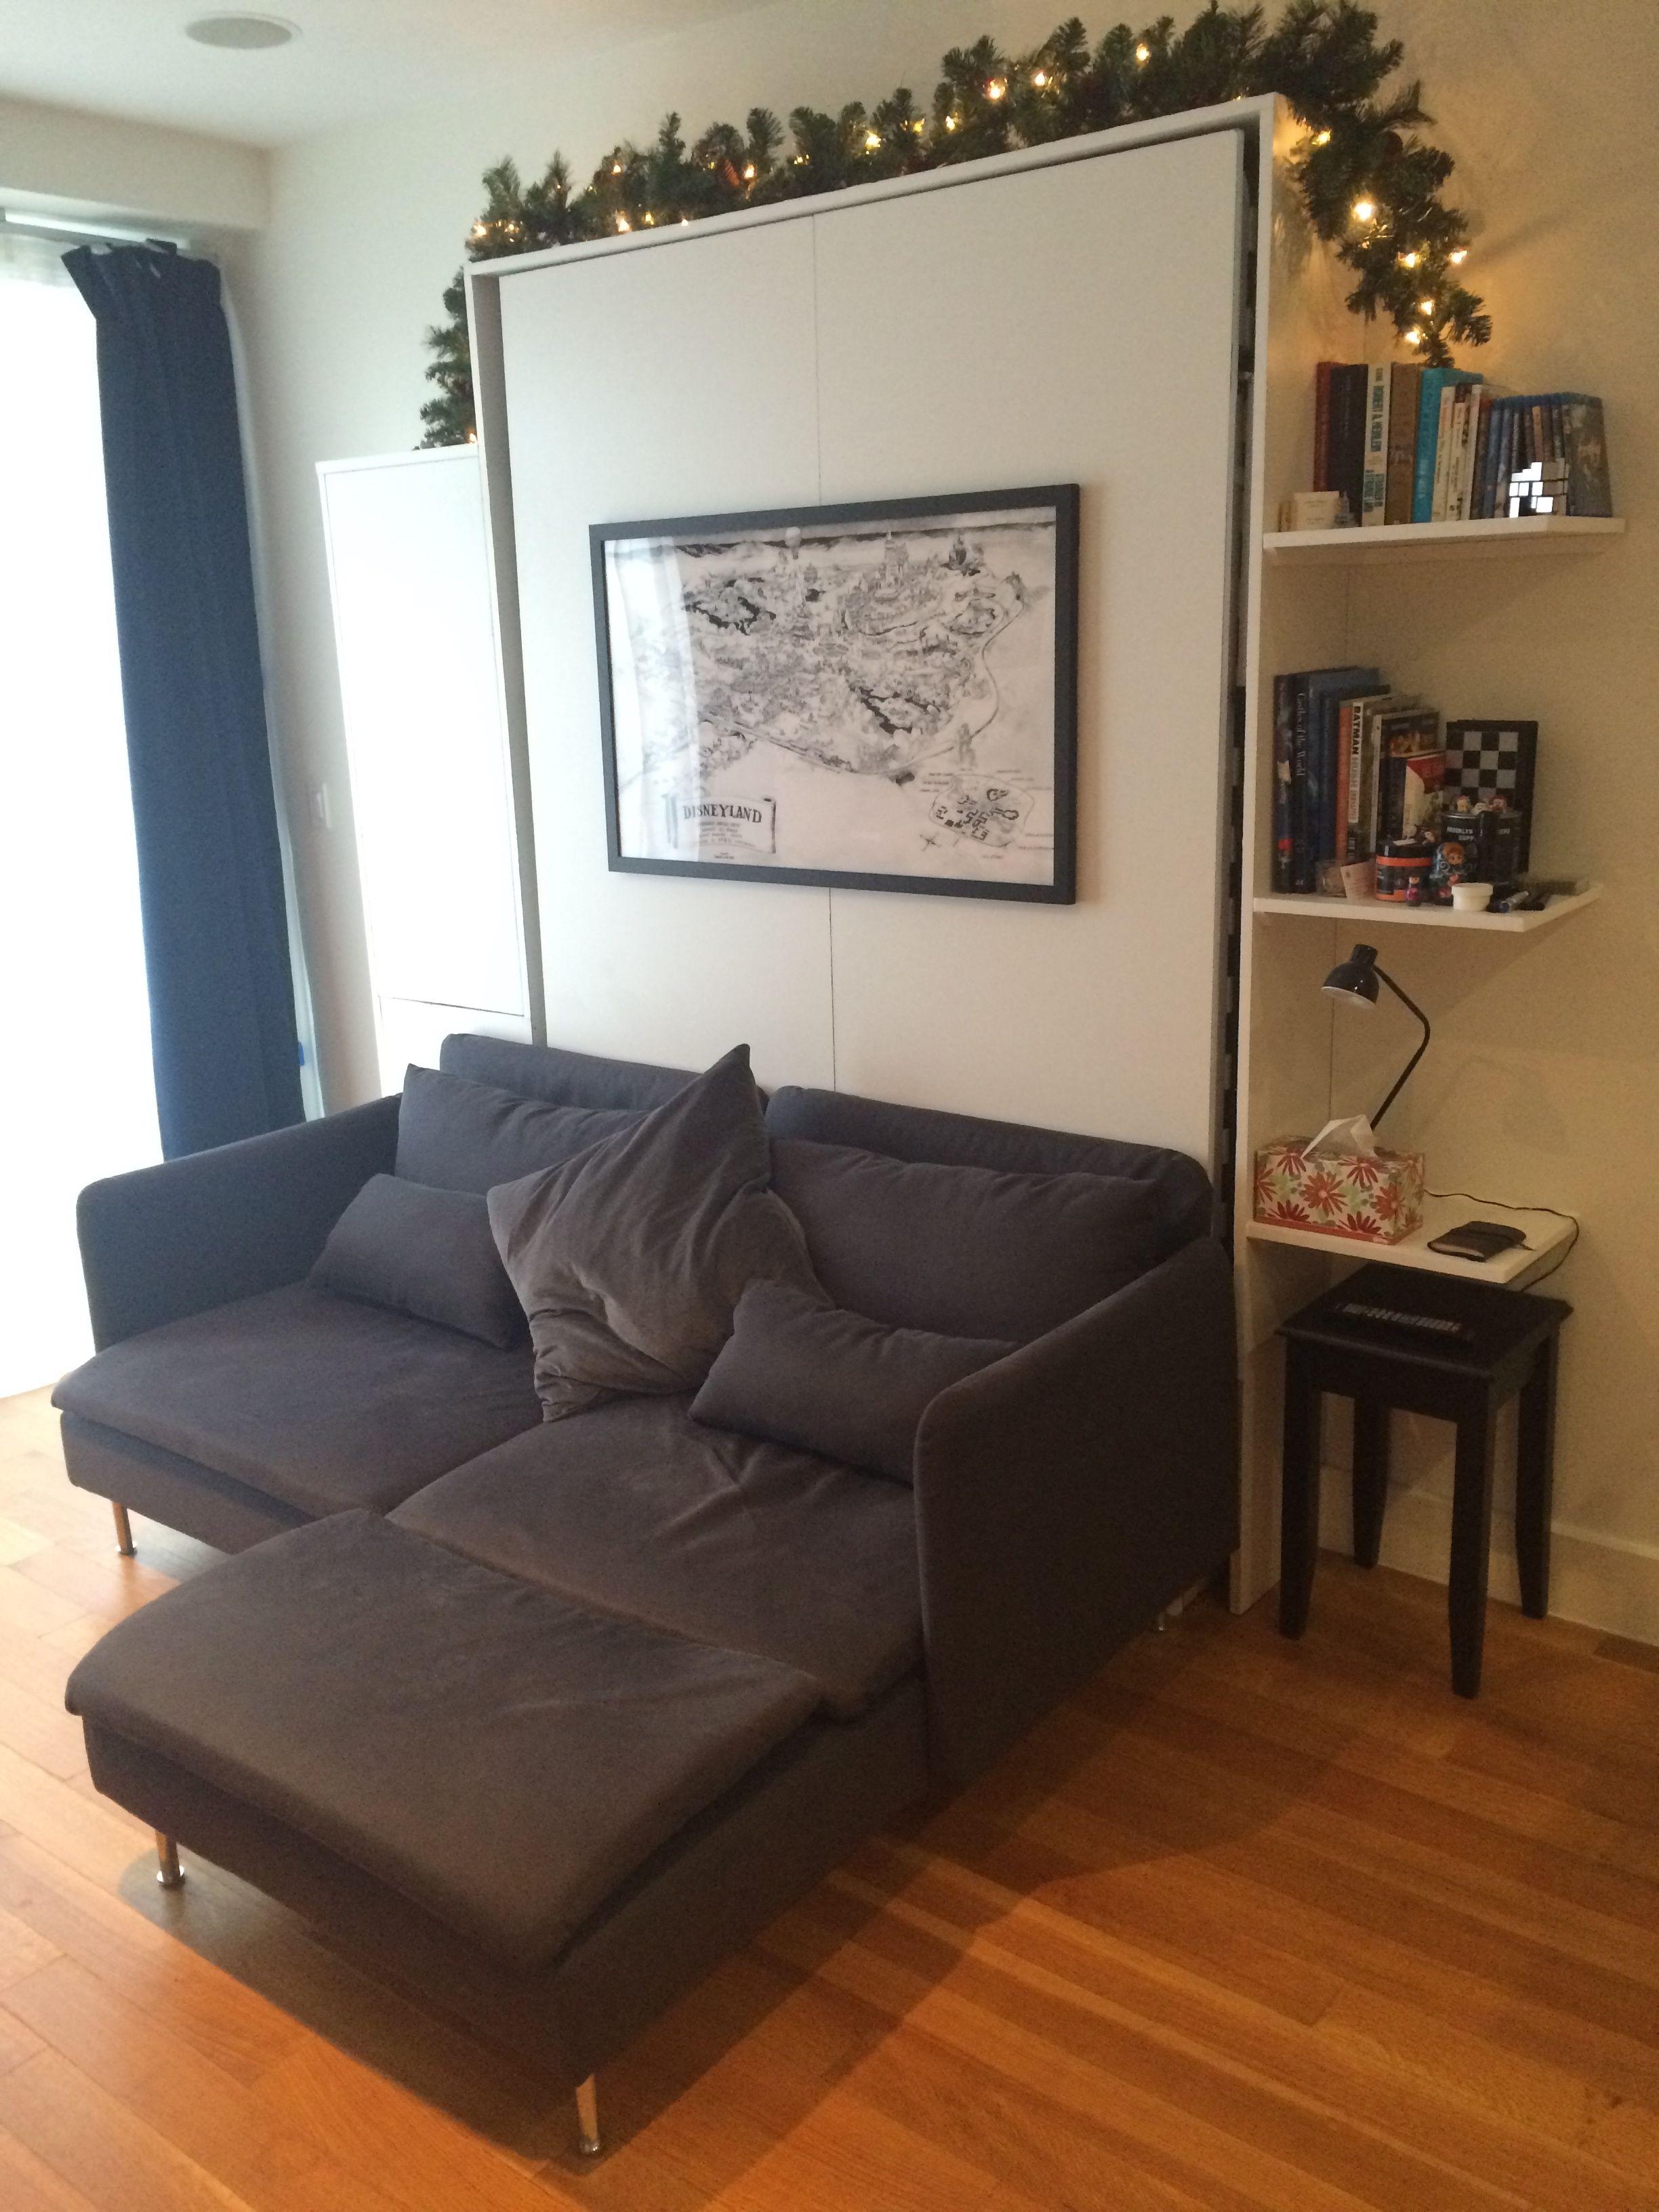 Diy Wall Bed Sofa Cabinet Shelf Combo Murphy Bed Couch Murphy Bed Diy Murphy Bed Plans